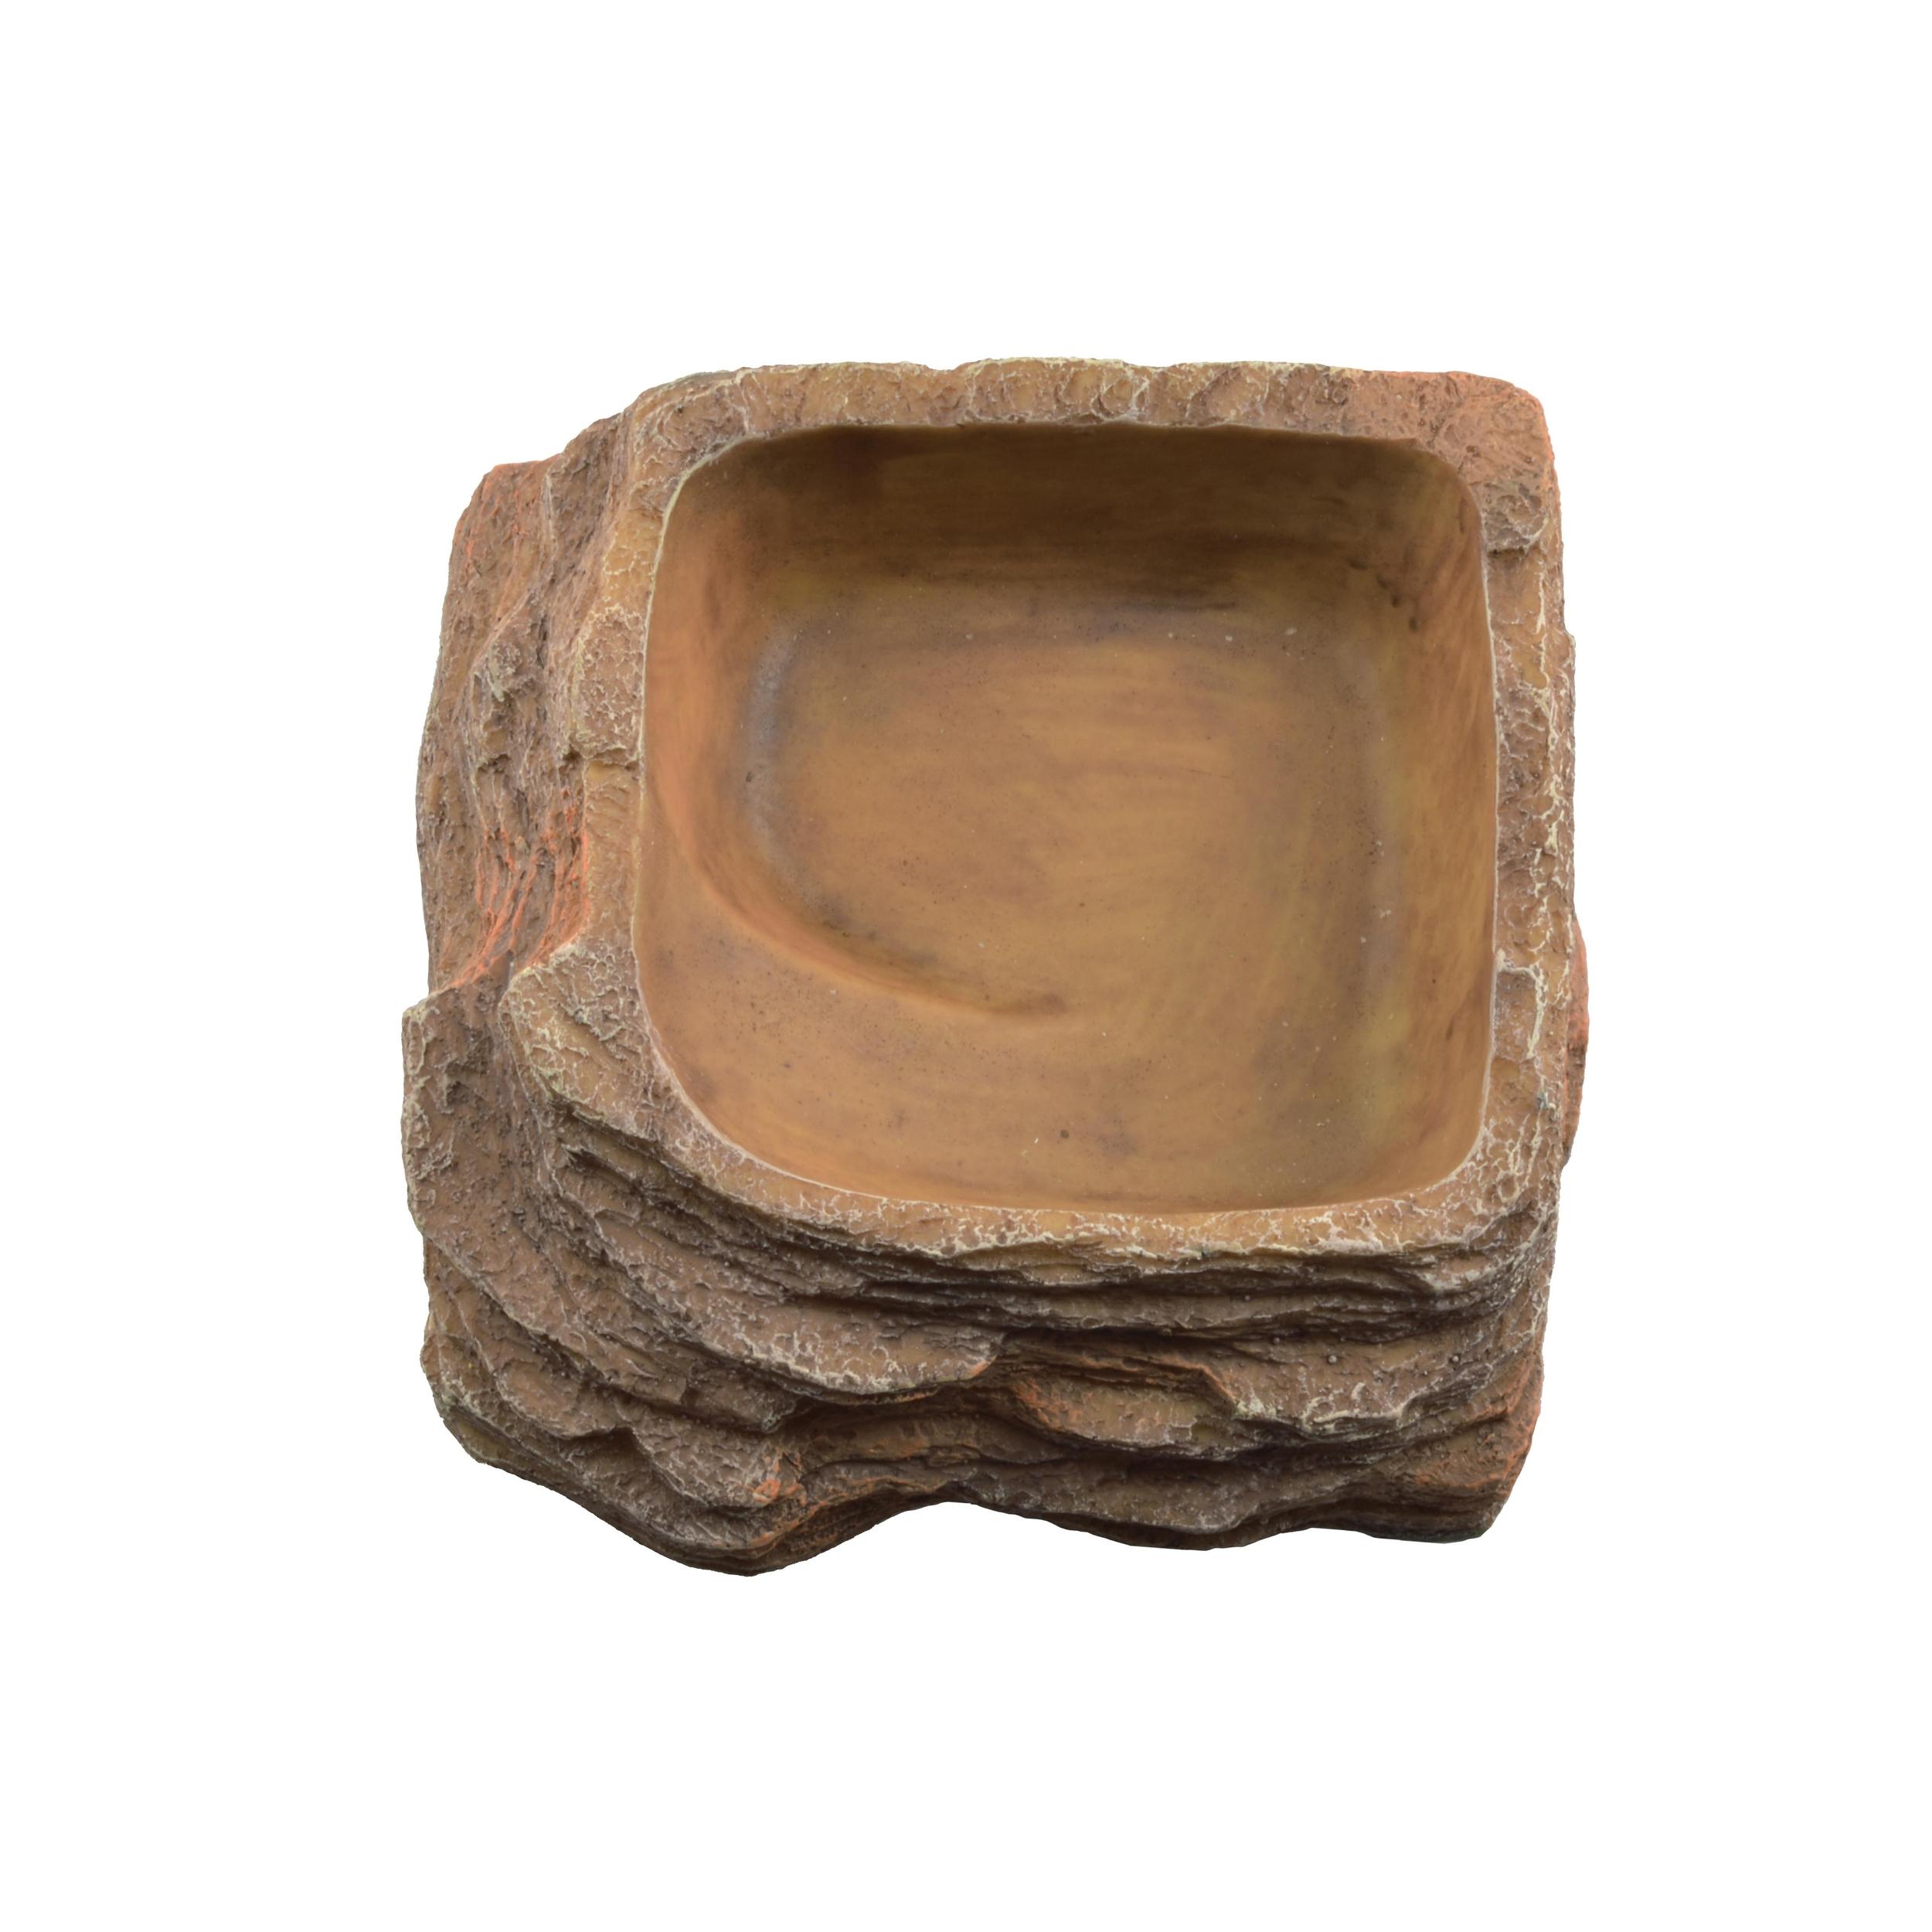 AQUAVIE Terra Abreuvoir Roche pour terrarium 14 x 14 x 5 cm